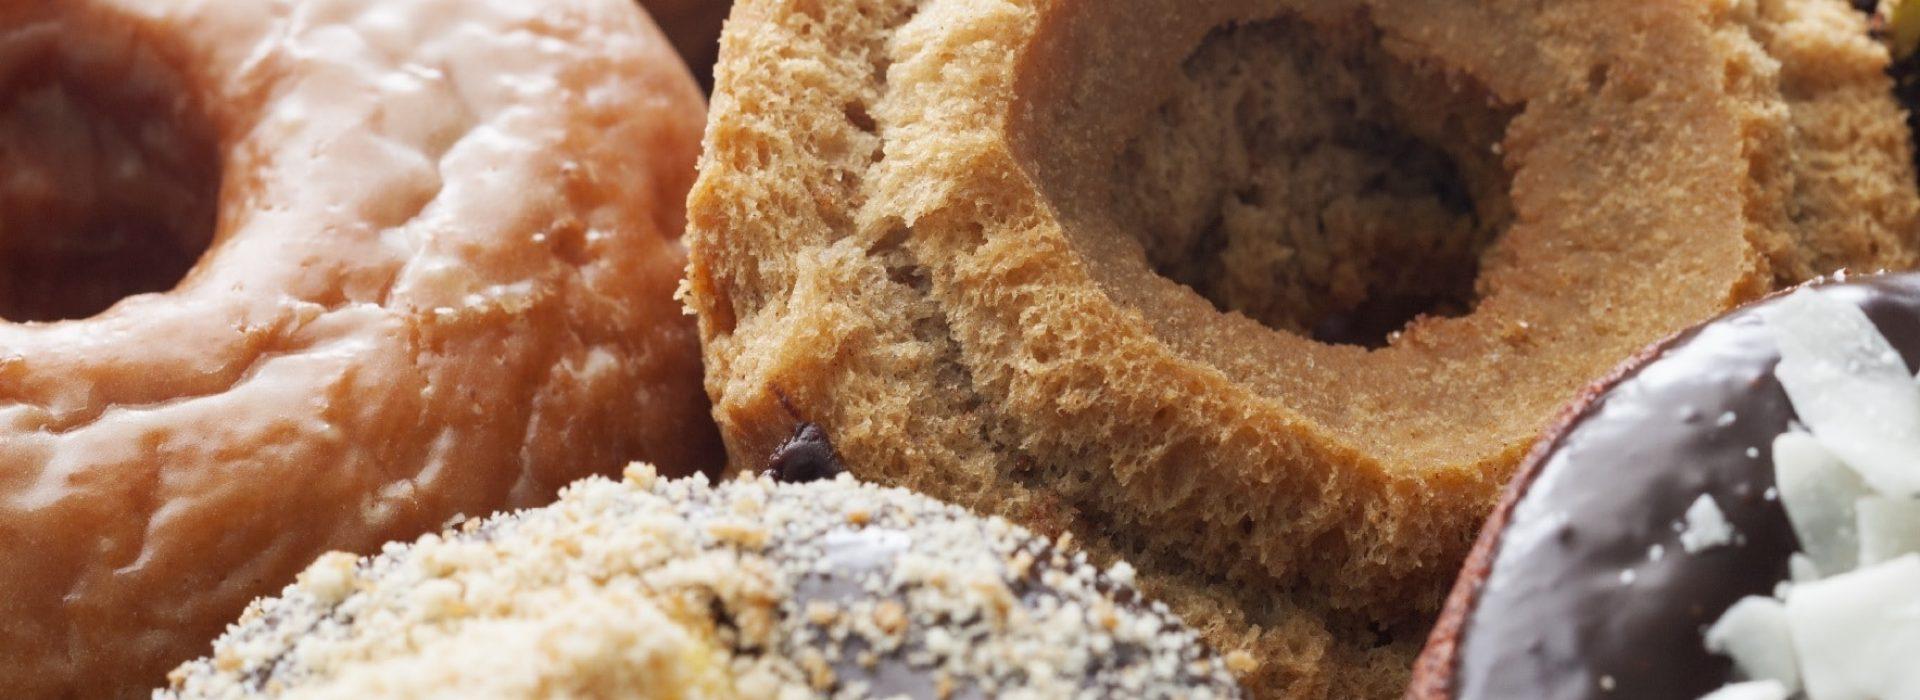 Donuts Blog Image